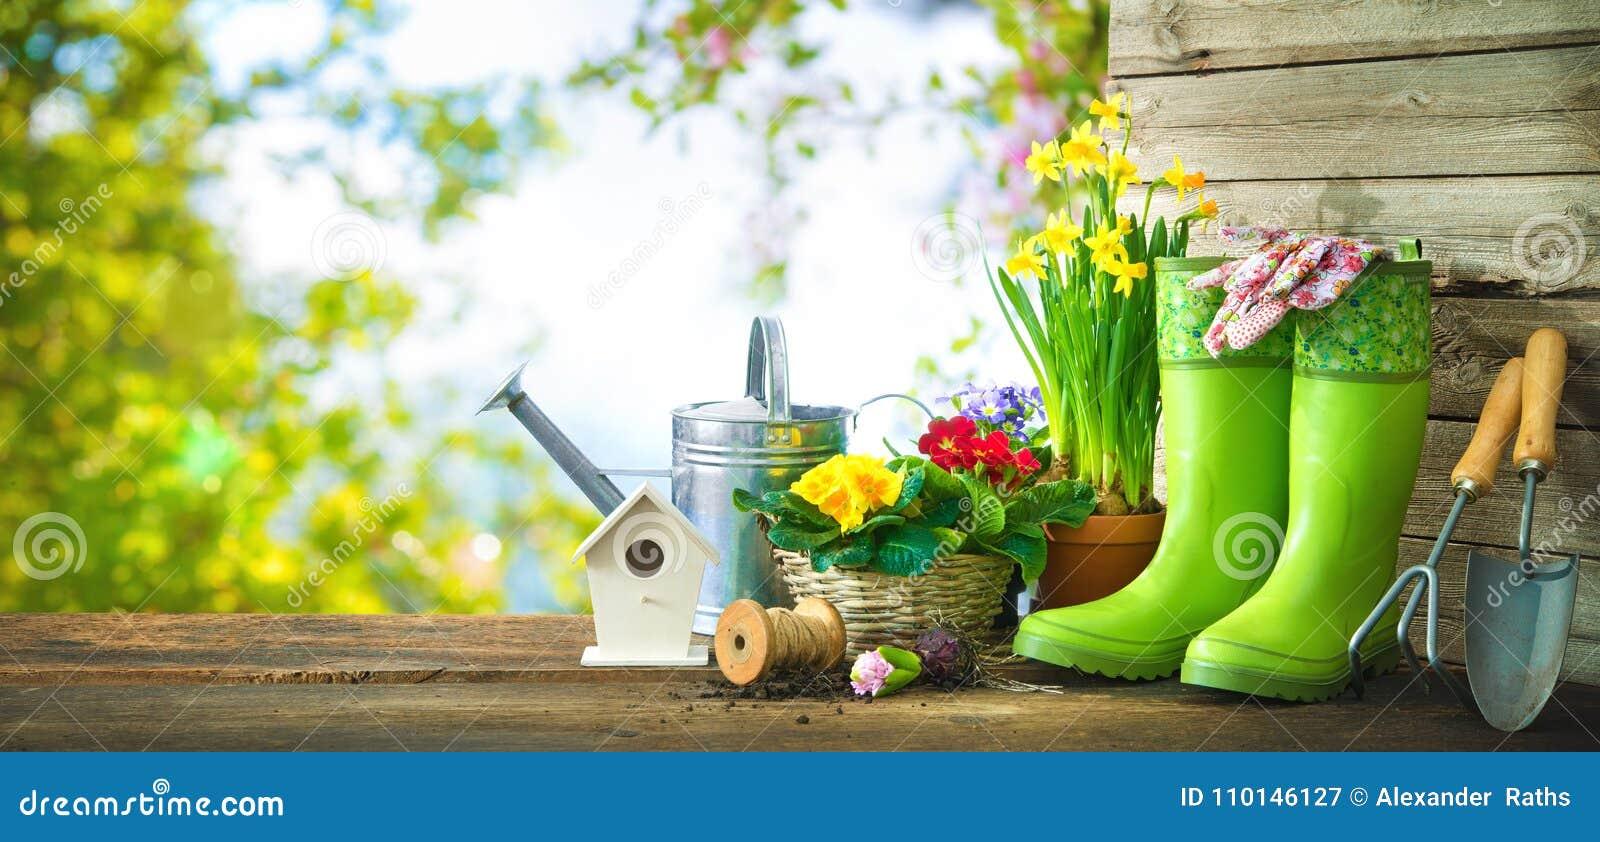 Strumenti di giardinaggio e fiori della molla sul terrazzo